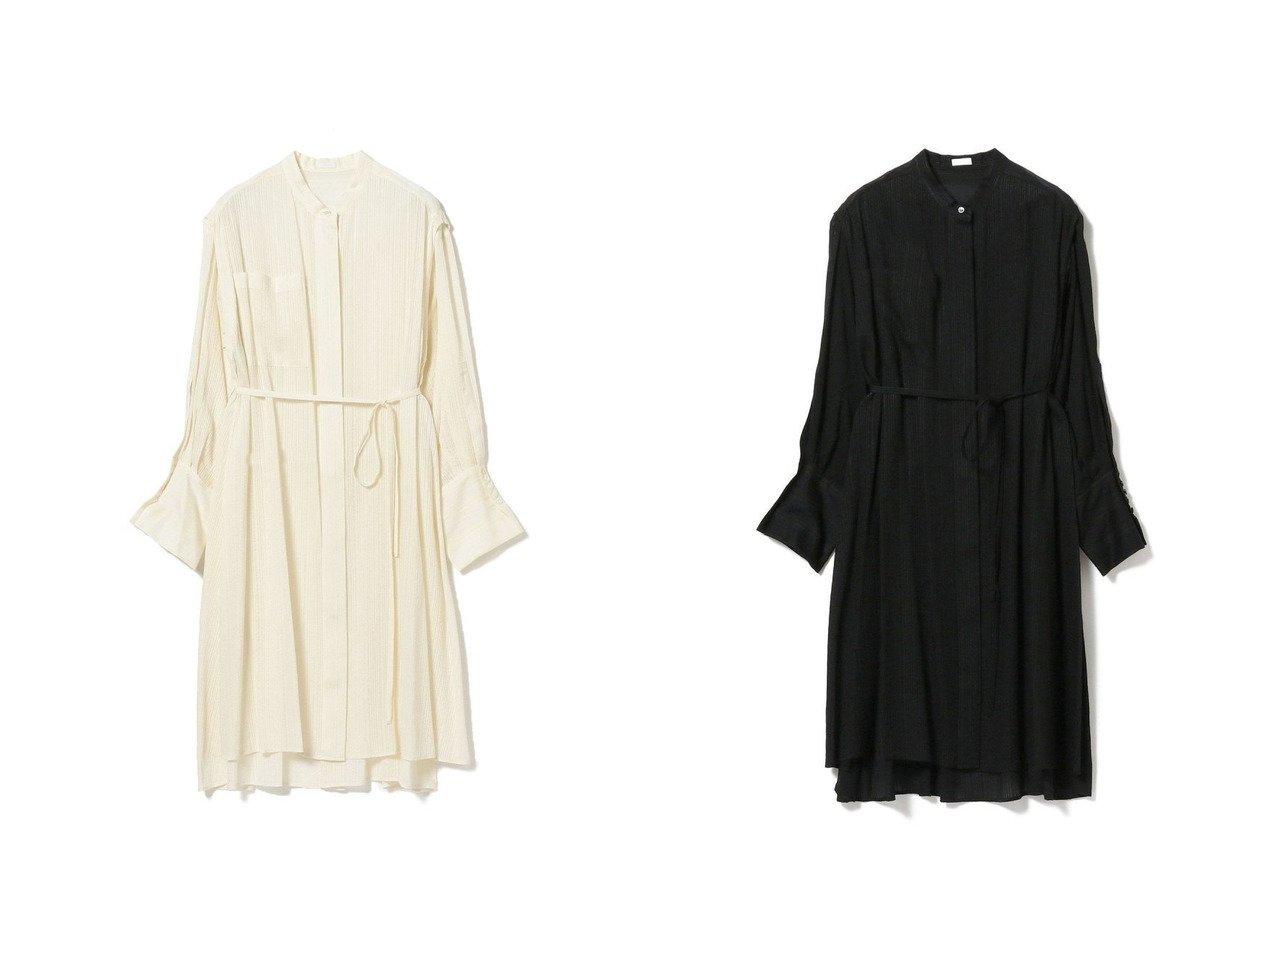 【Demi-Luxe BEAMS/デミルクス ビームス】の2WAY ロングシャツ トップス・カットソーのおすすめ!人気、トレンド・レディースファッションの通販  おすすめで人気の流行・トレンド、ファッションの通販商品 メンズファッション・キッズファッション・インテリア・家具・レディースファッション・服の通販 founy(ファニー) https://founy.com/ ファッション Fashion レディースファッション WOMEN トップス Tops Tshirt シャツ/ブラウス Shirts Blouses シルク ストライプ ドレープ ノースリーブ ロング |ID:crp329100000010520